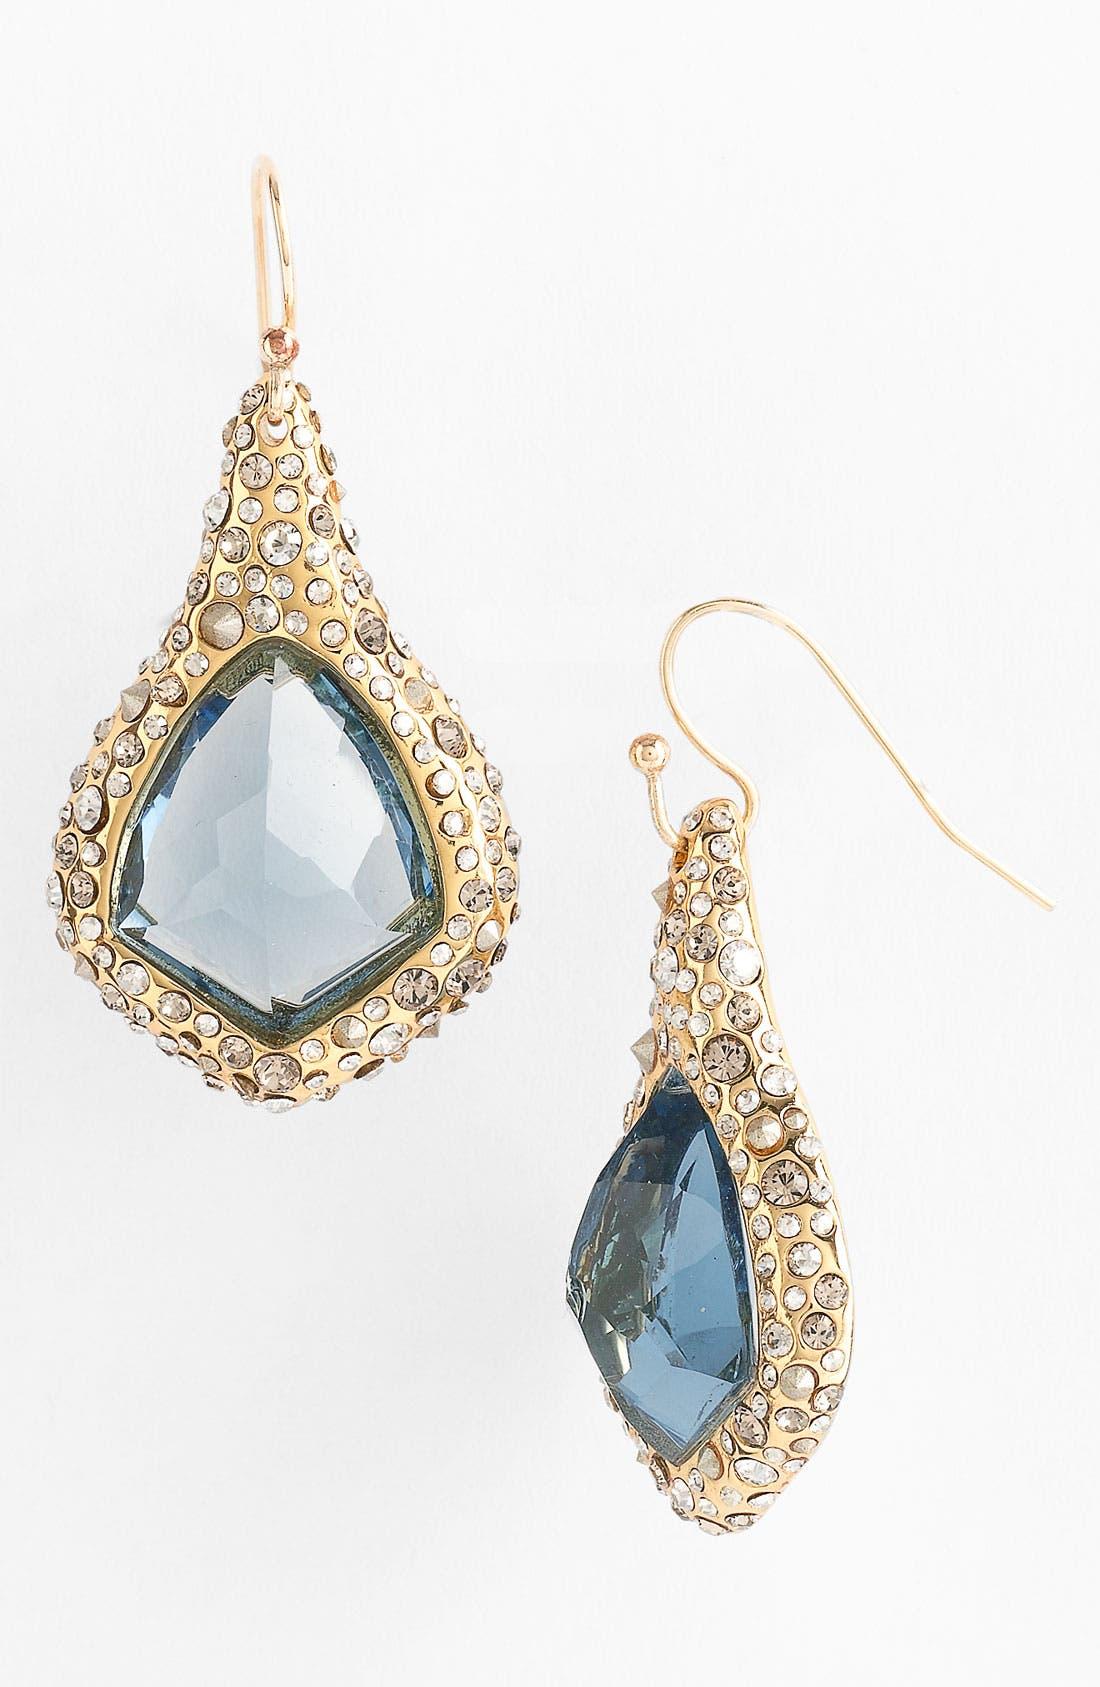 Main Image - Alexis Bittar 'Miss Havisham' Crystal Encrusted Kite Earrings